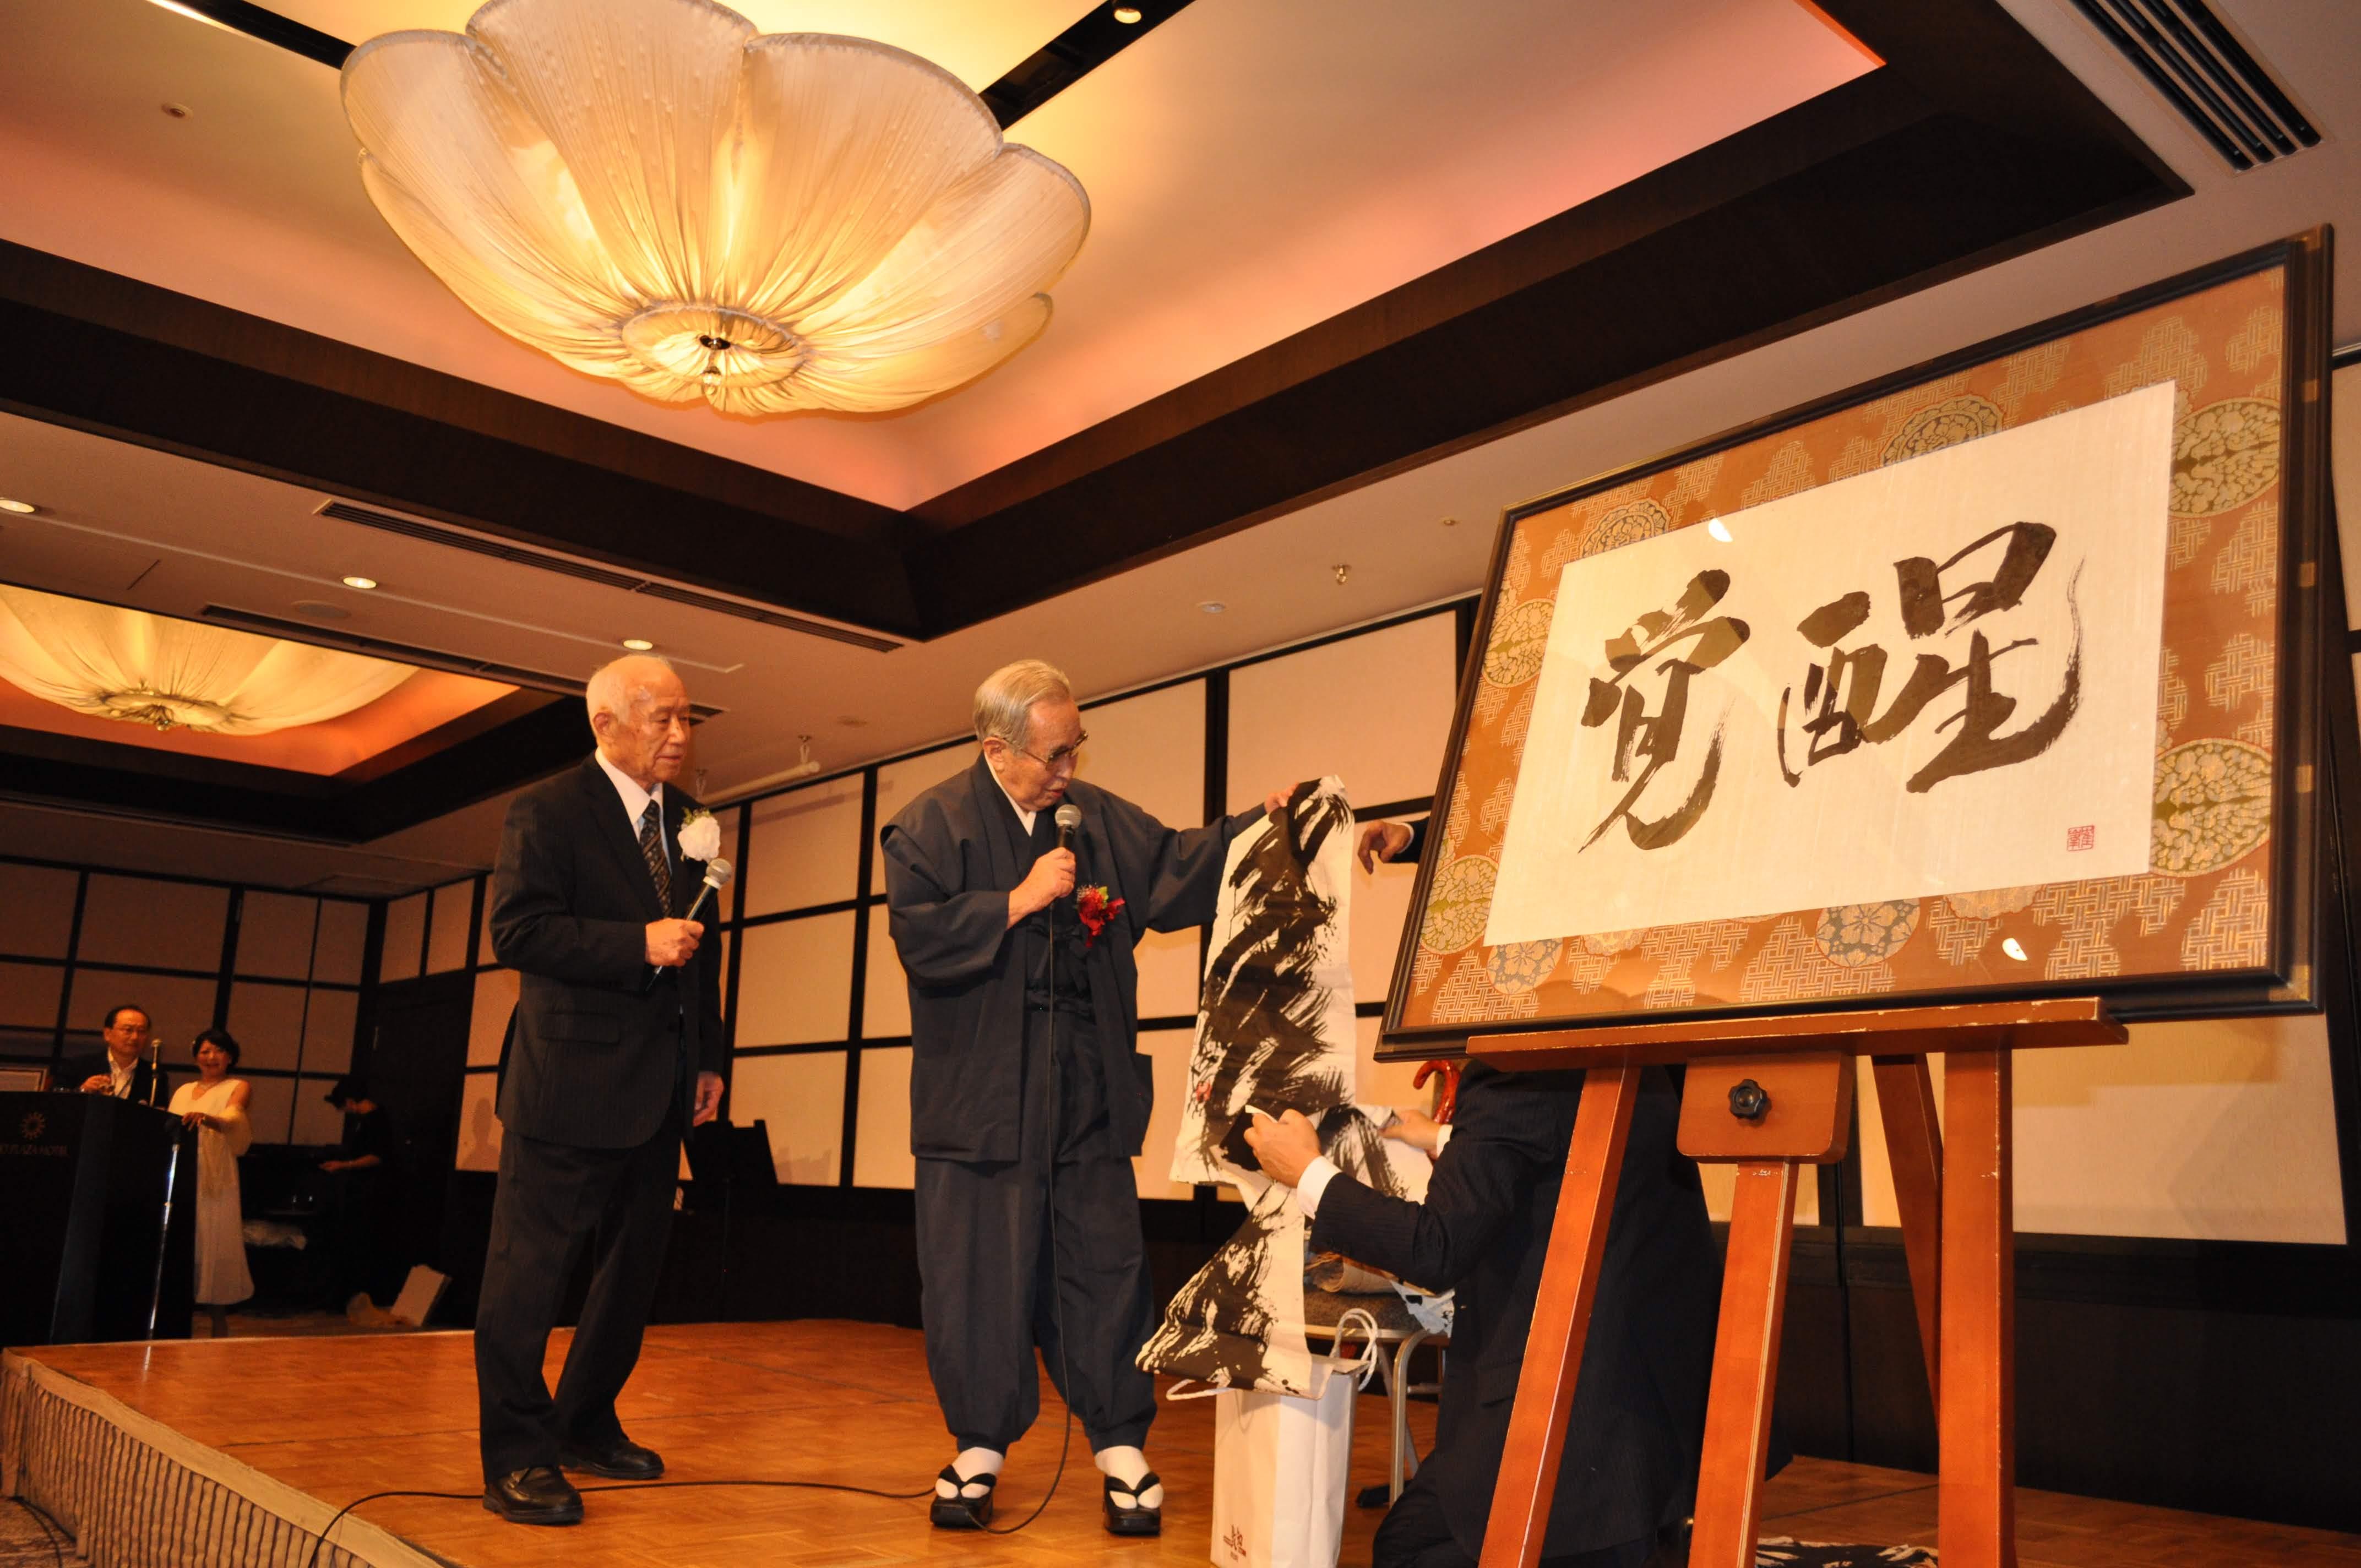 DSC 0541 1 - 思風会全国大会in広島